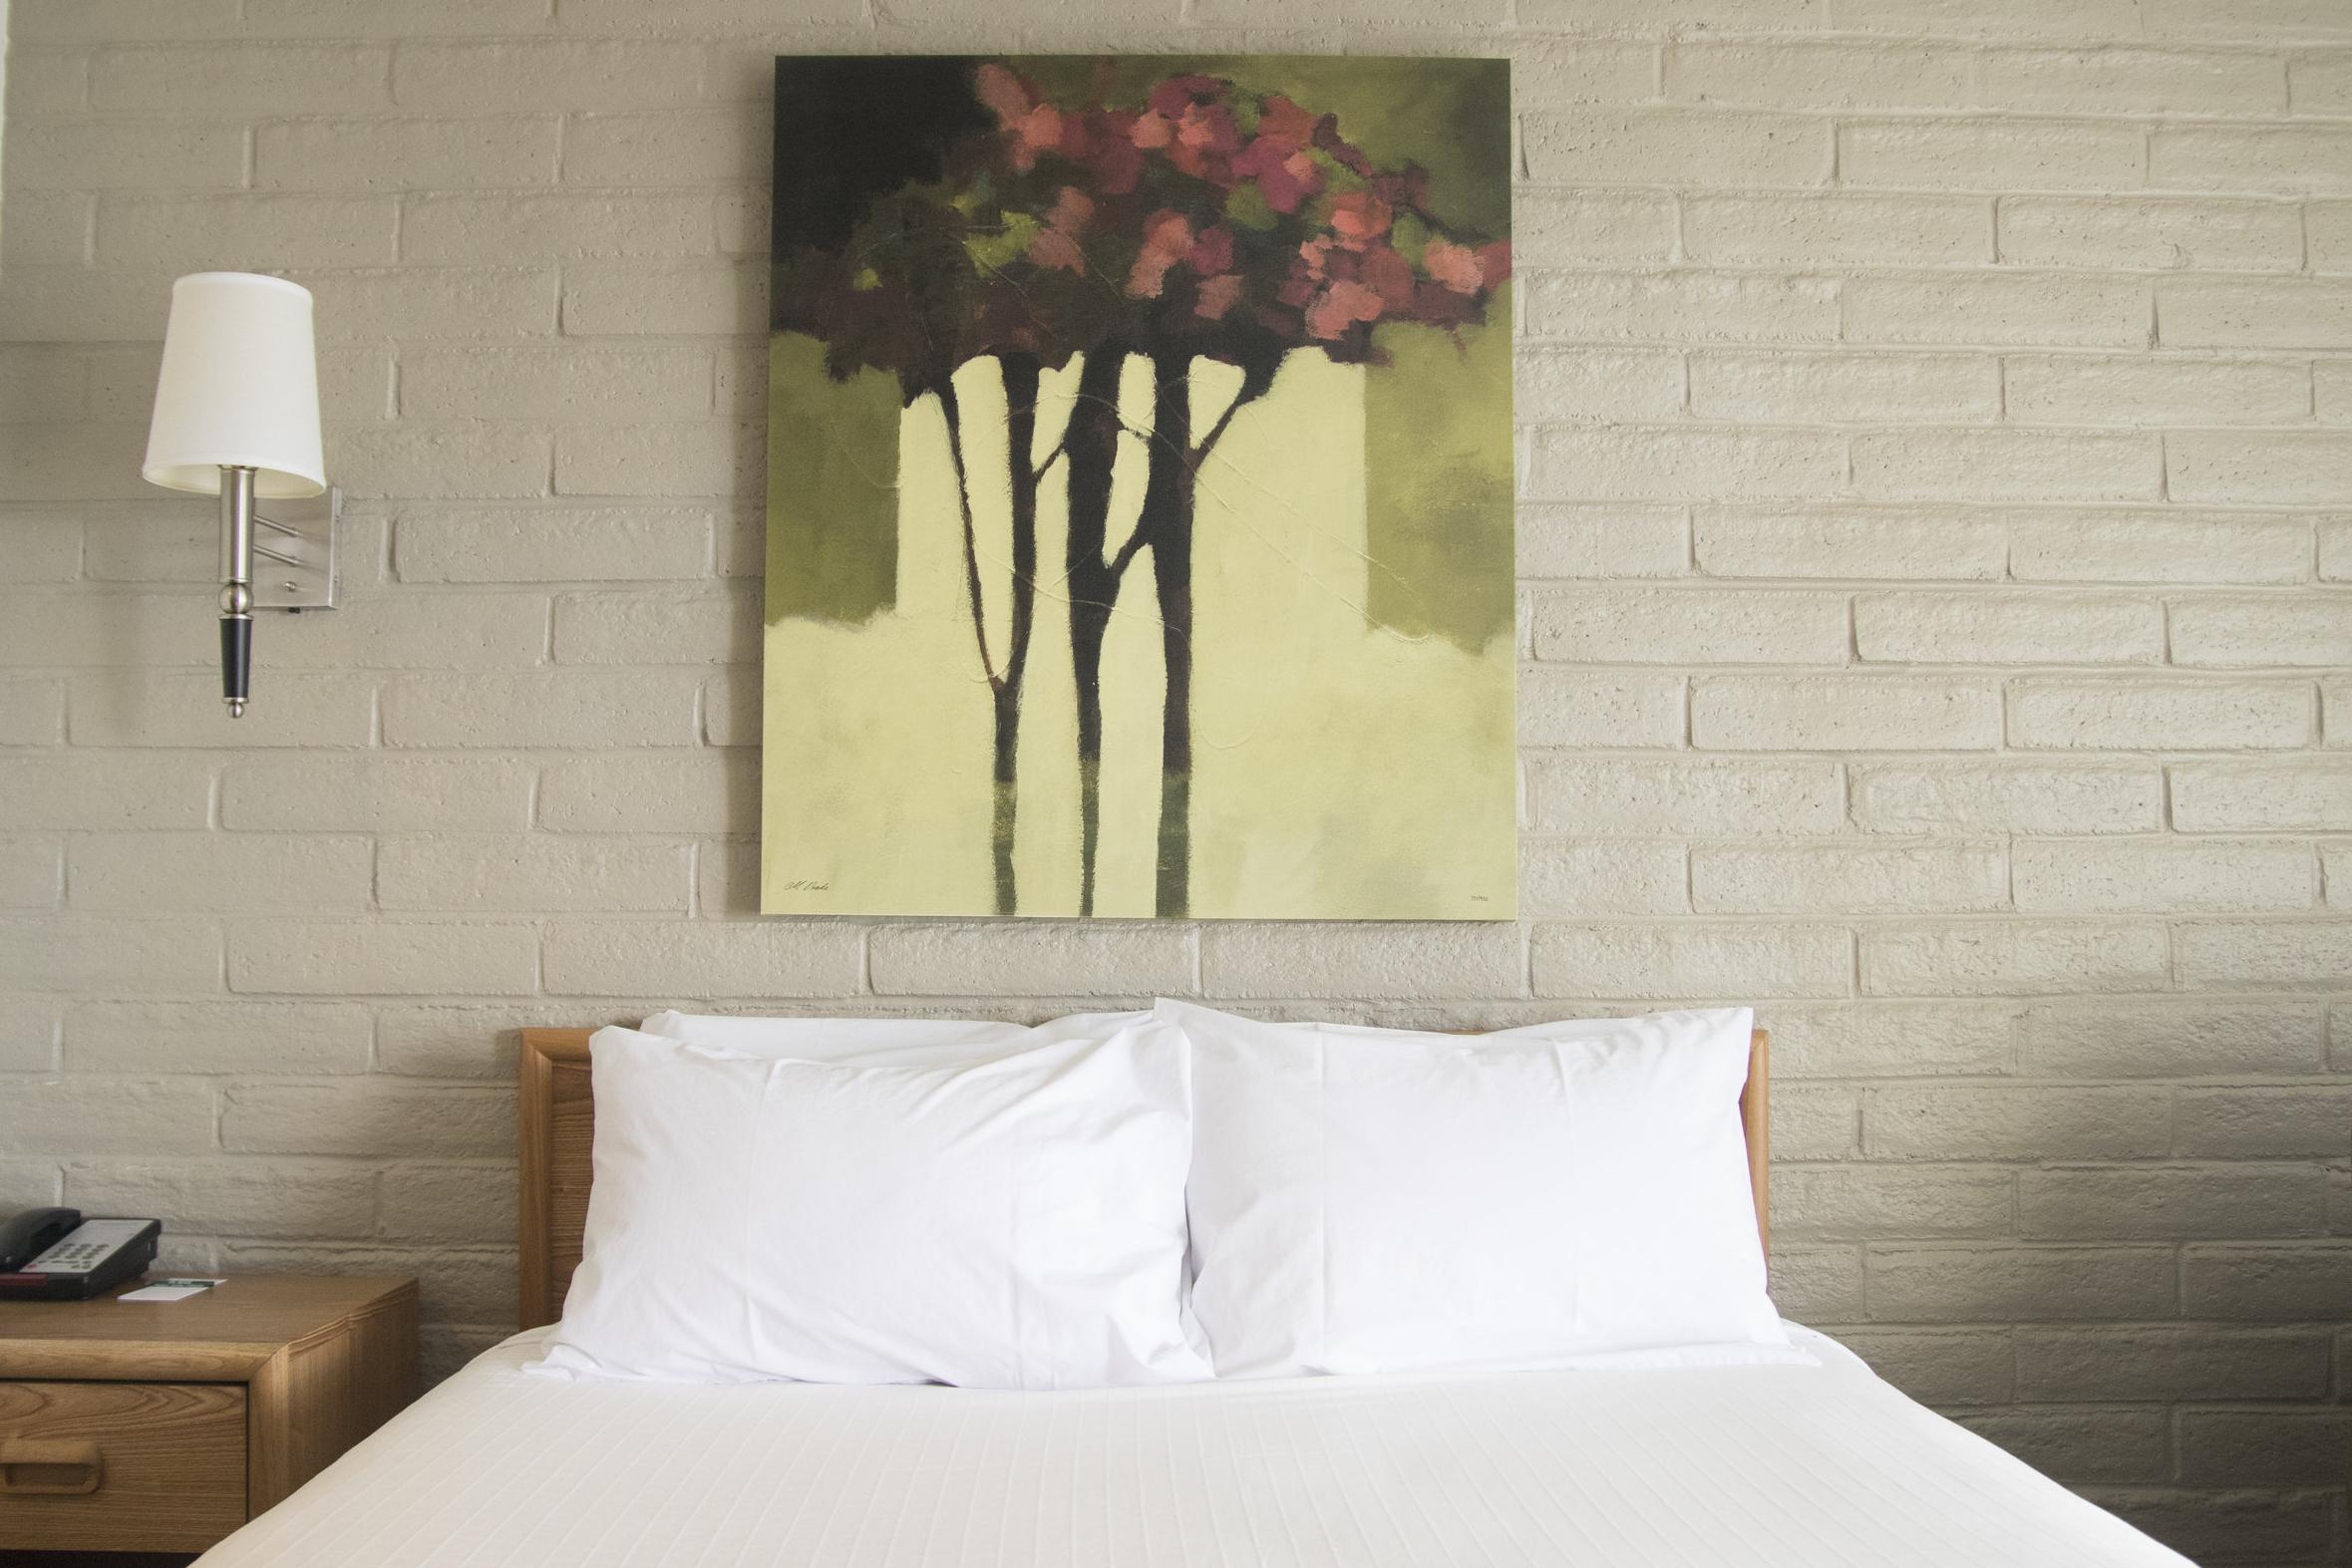 bed and brick.jpg